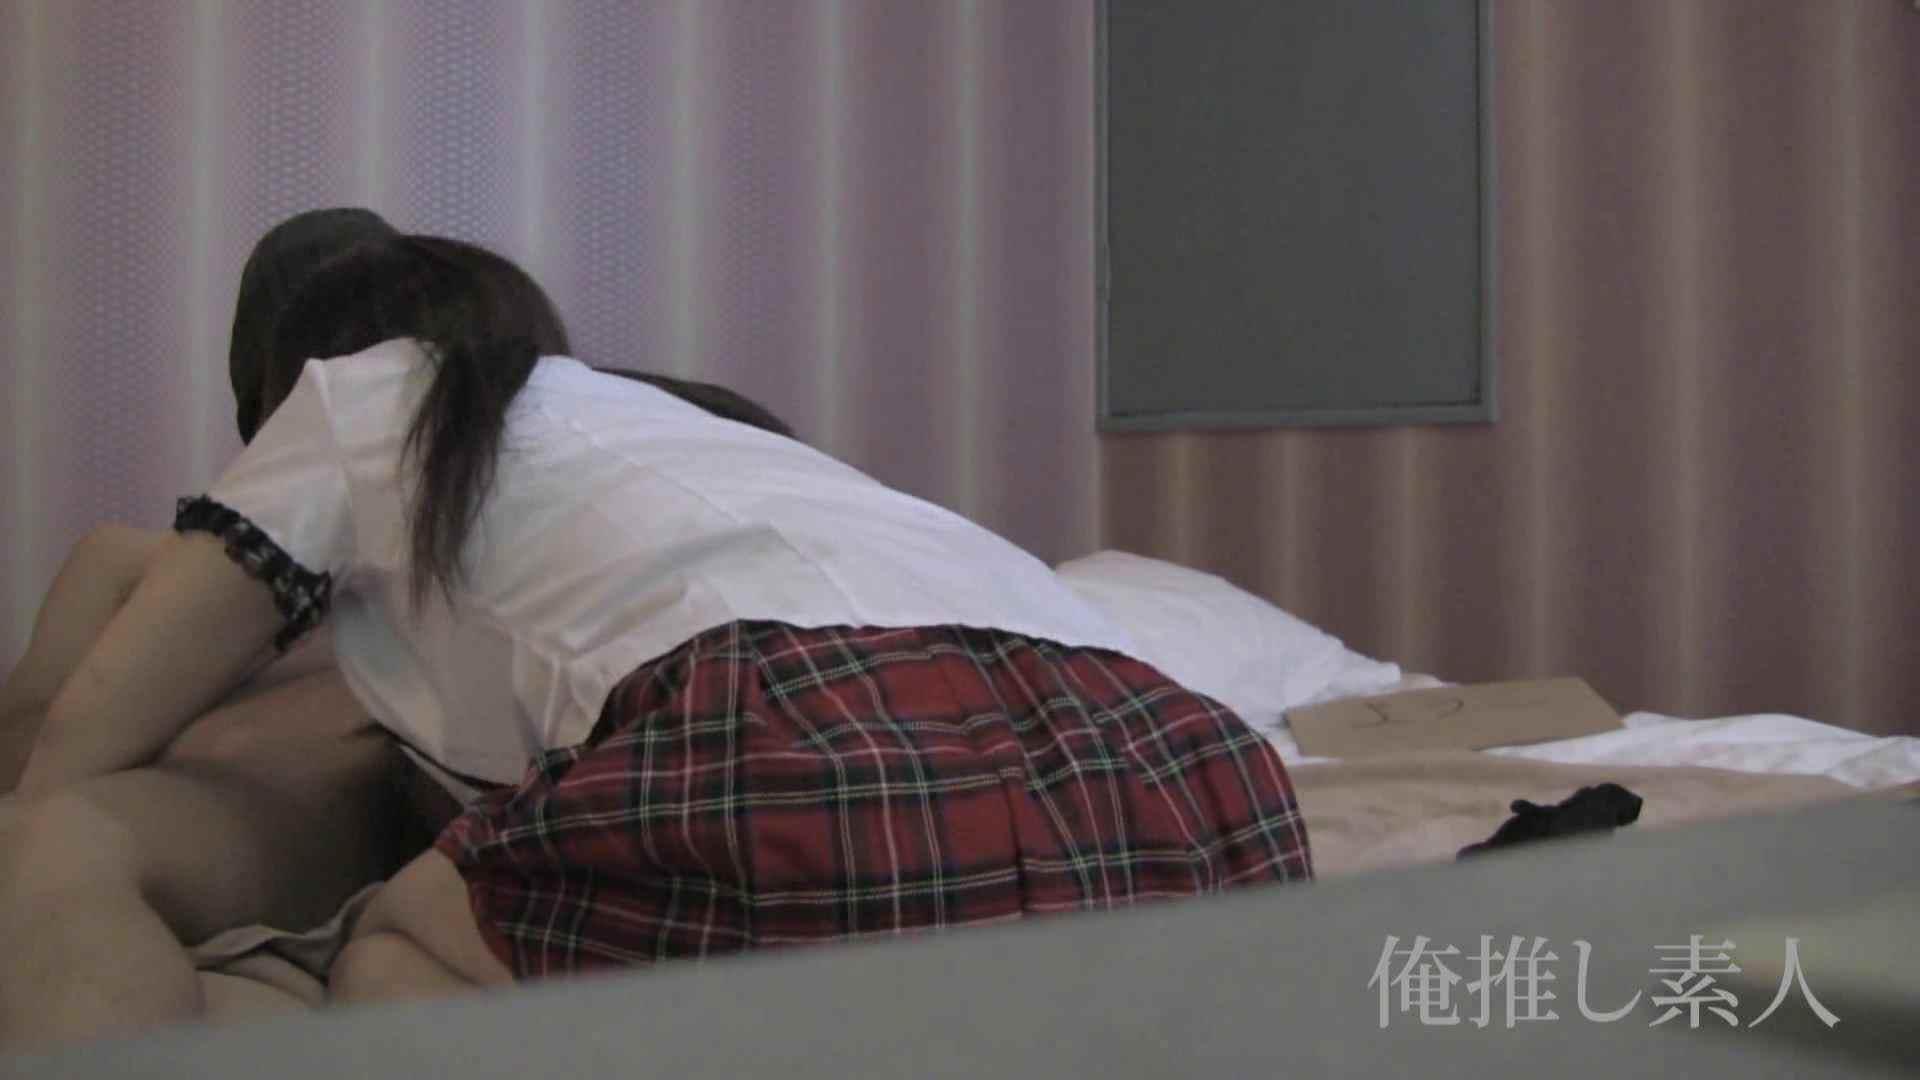 俺推し素人 EカップシングルマザーOL30歳瑤子vol3 OL裸体 | 一般投稿  57画像 21